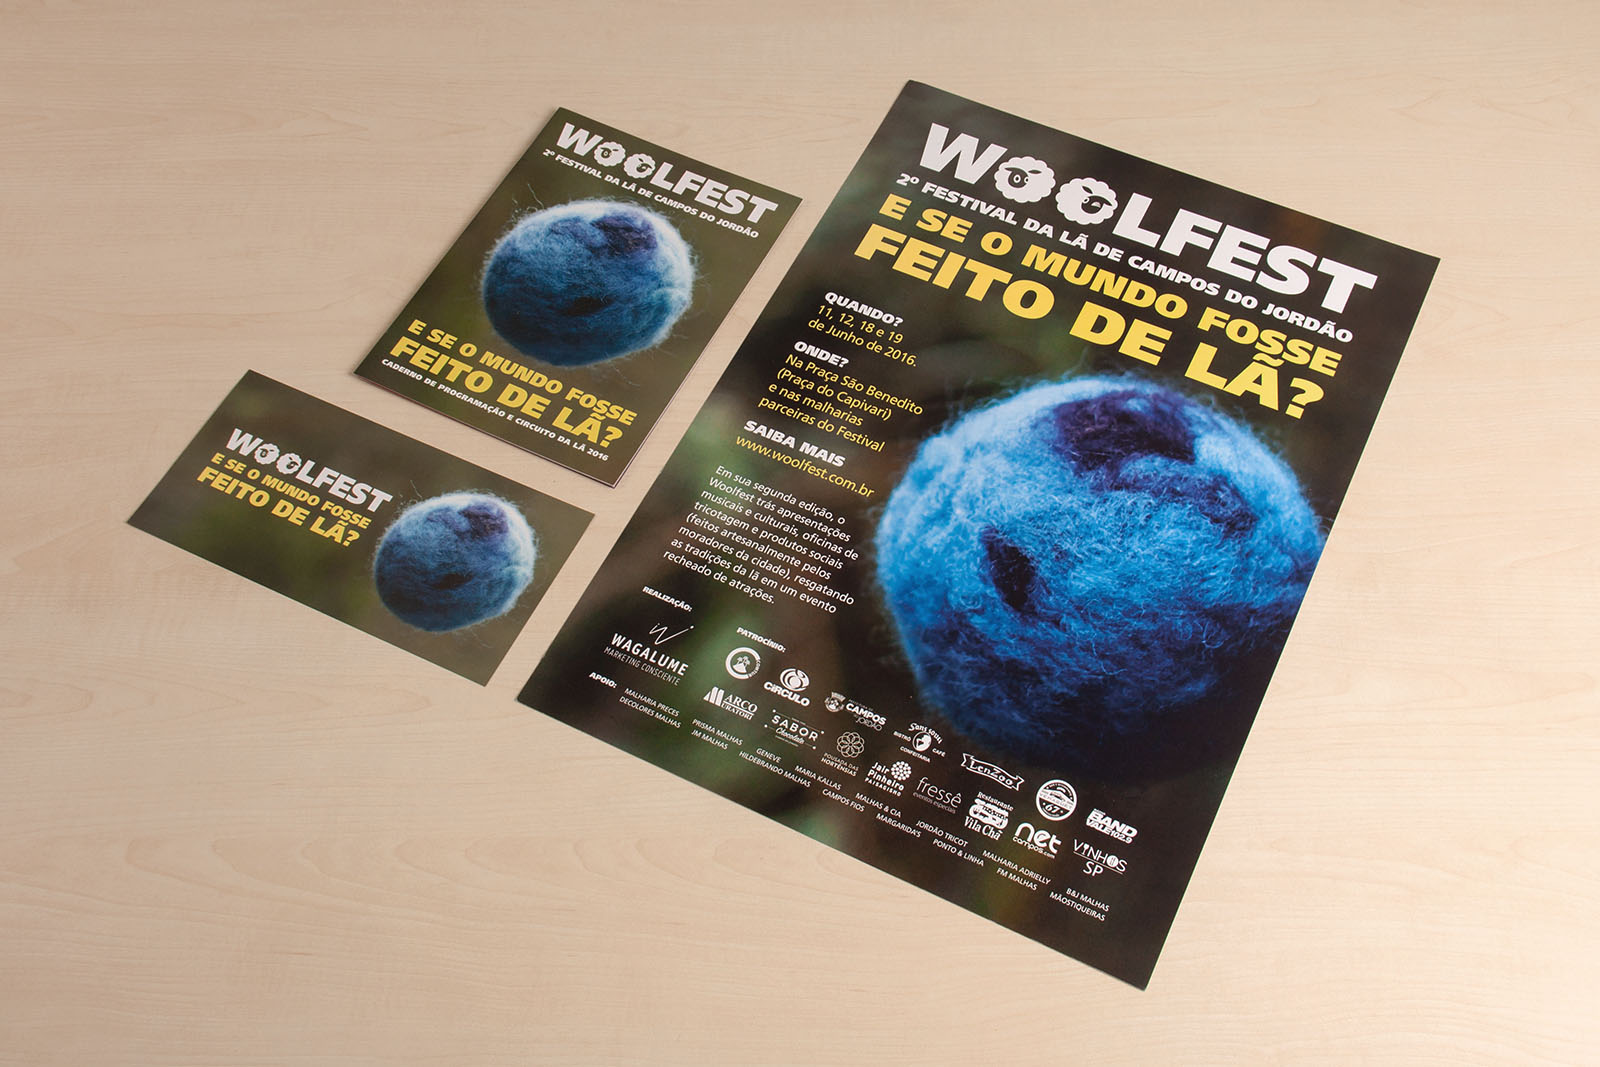 guia woolfest 5